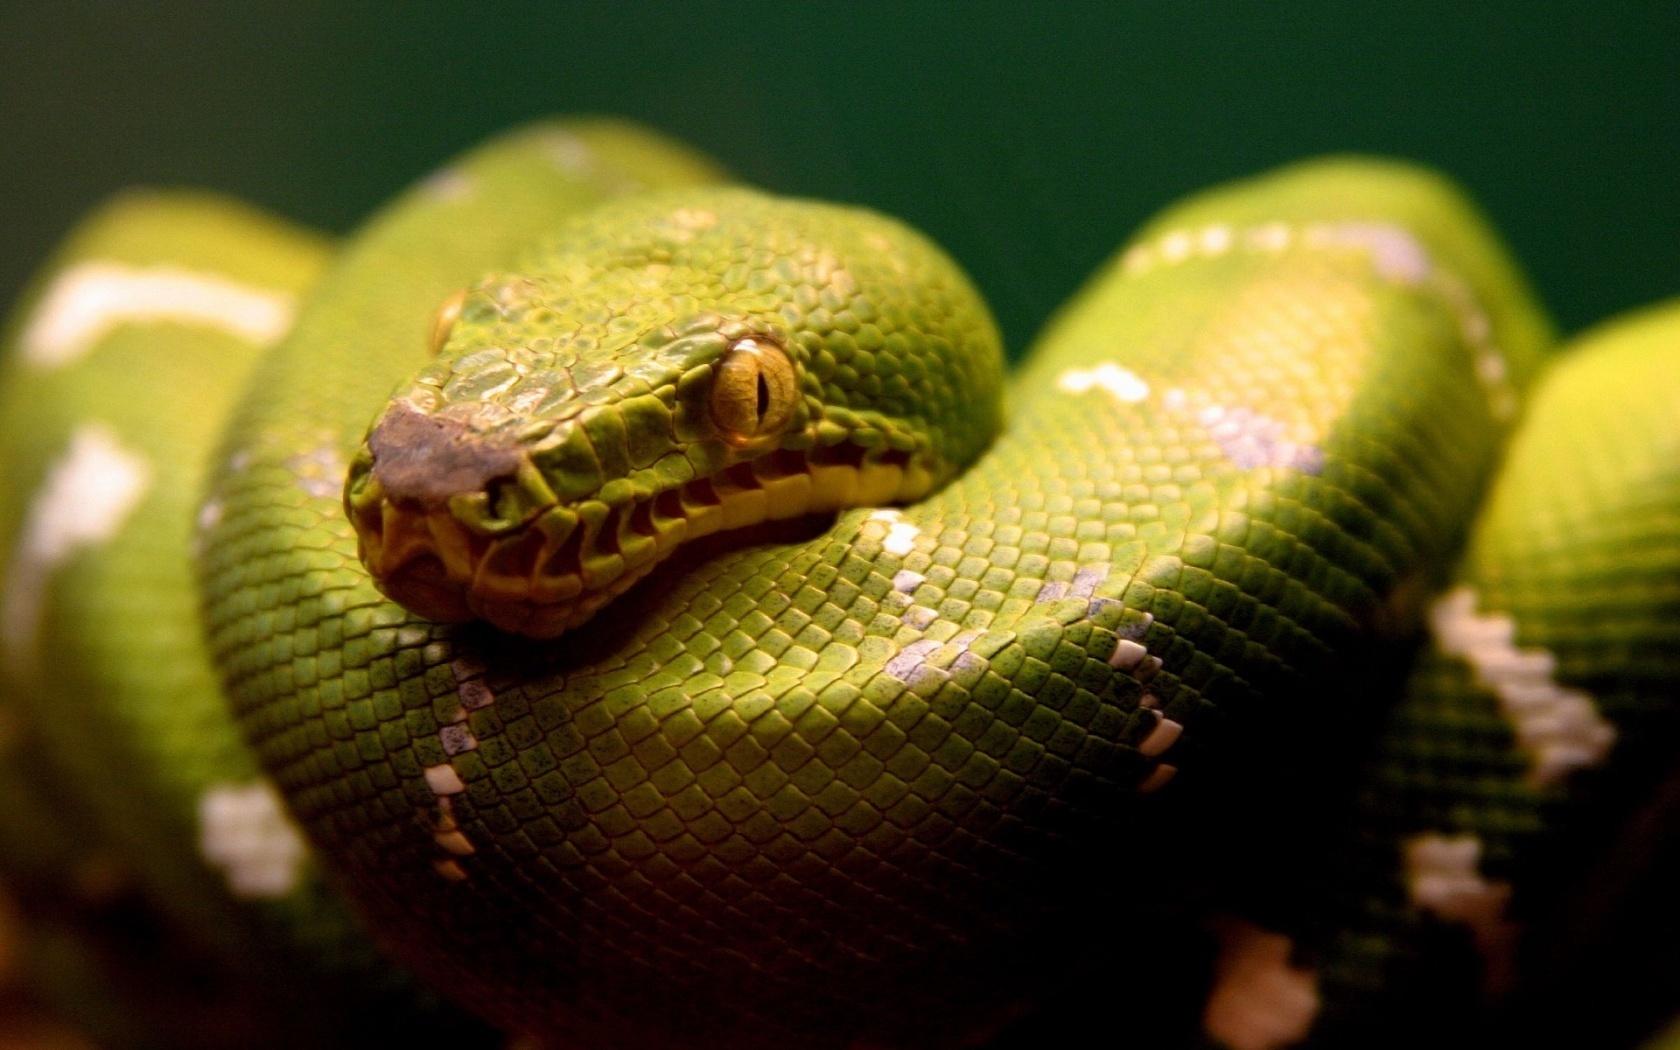 18584 скачать обои Животные, Змеи - заставки и картинки бесплатно